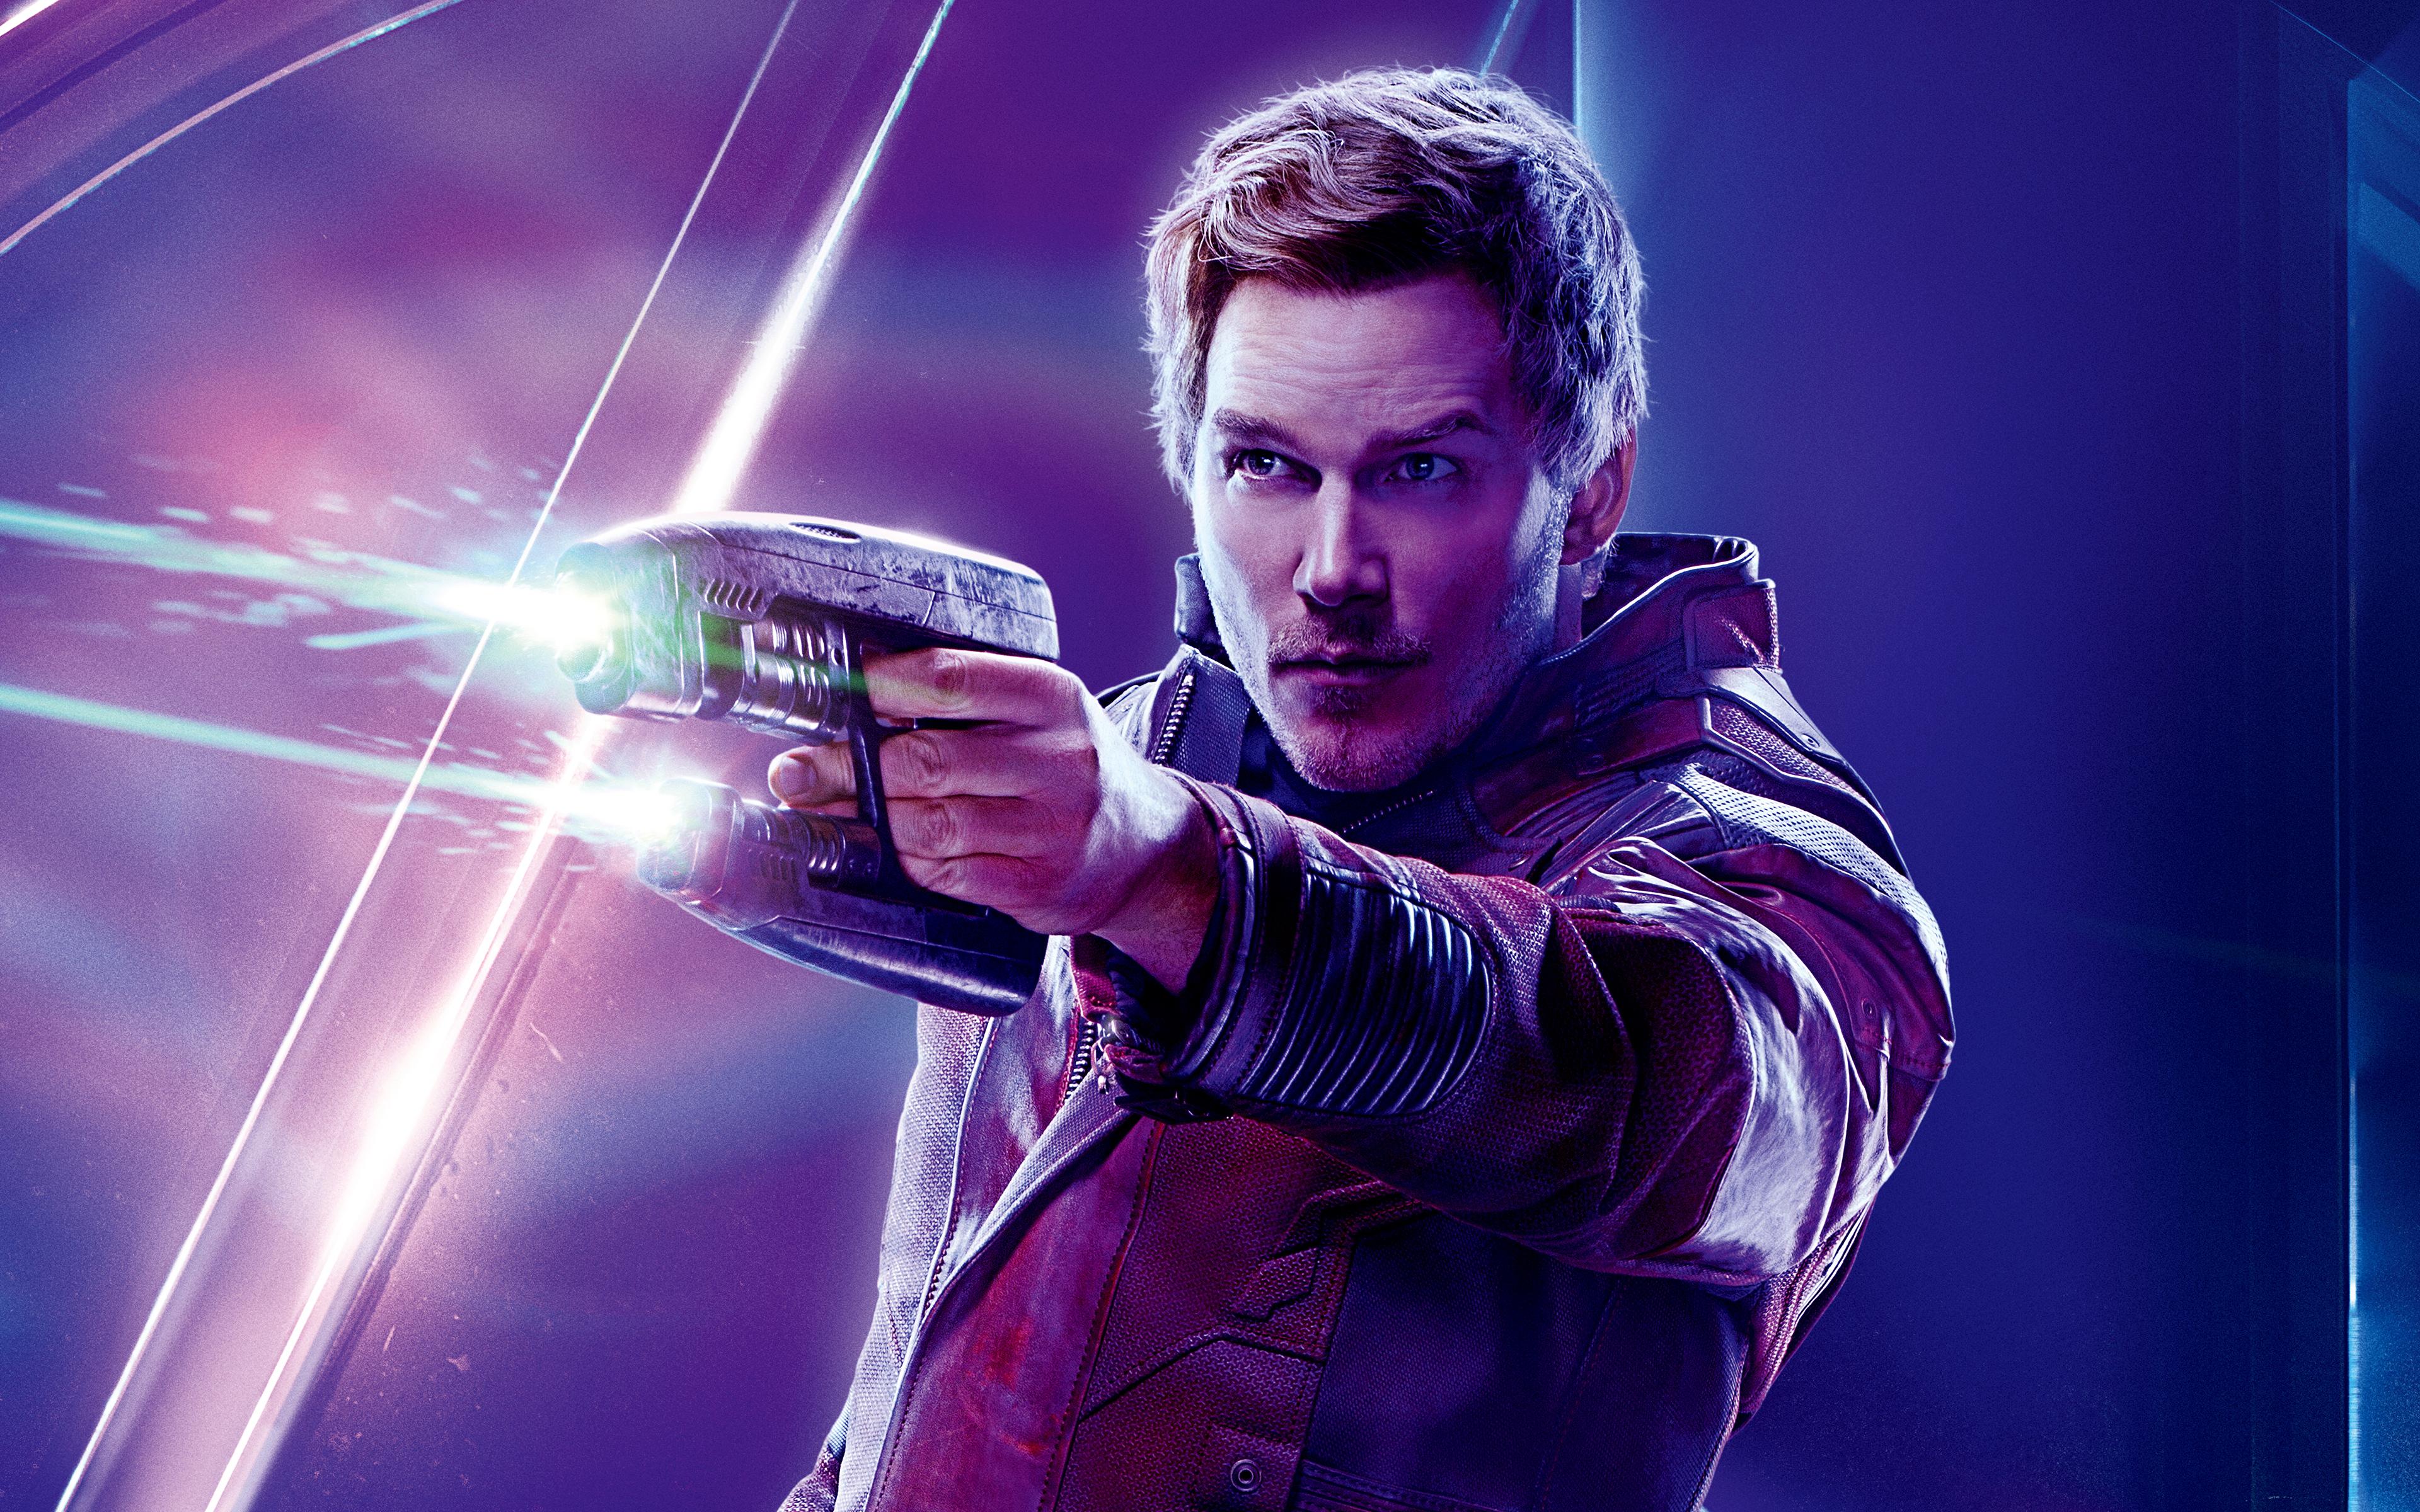 Fondos De Pantalla Avengers Infinity War Guardianes De La